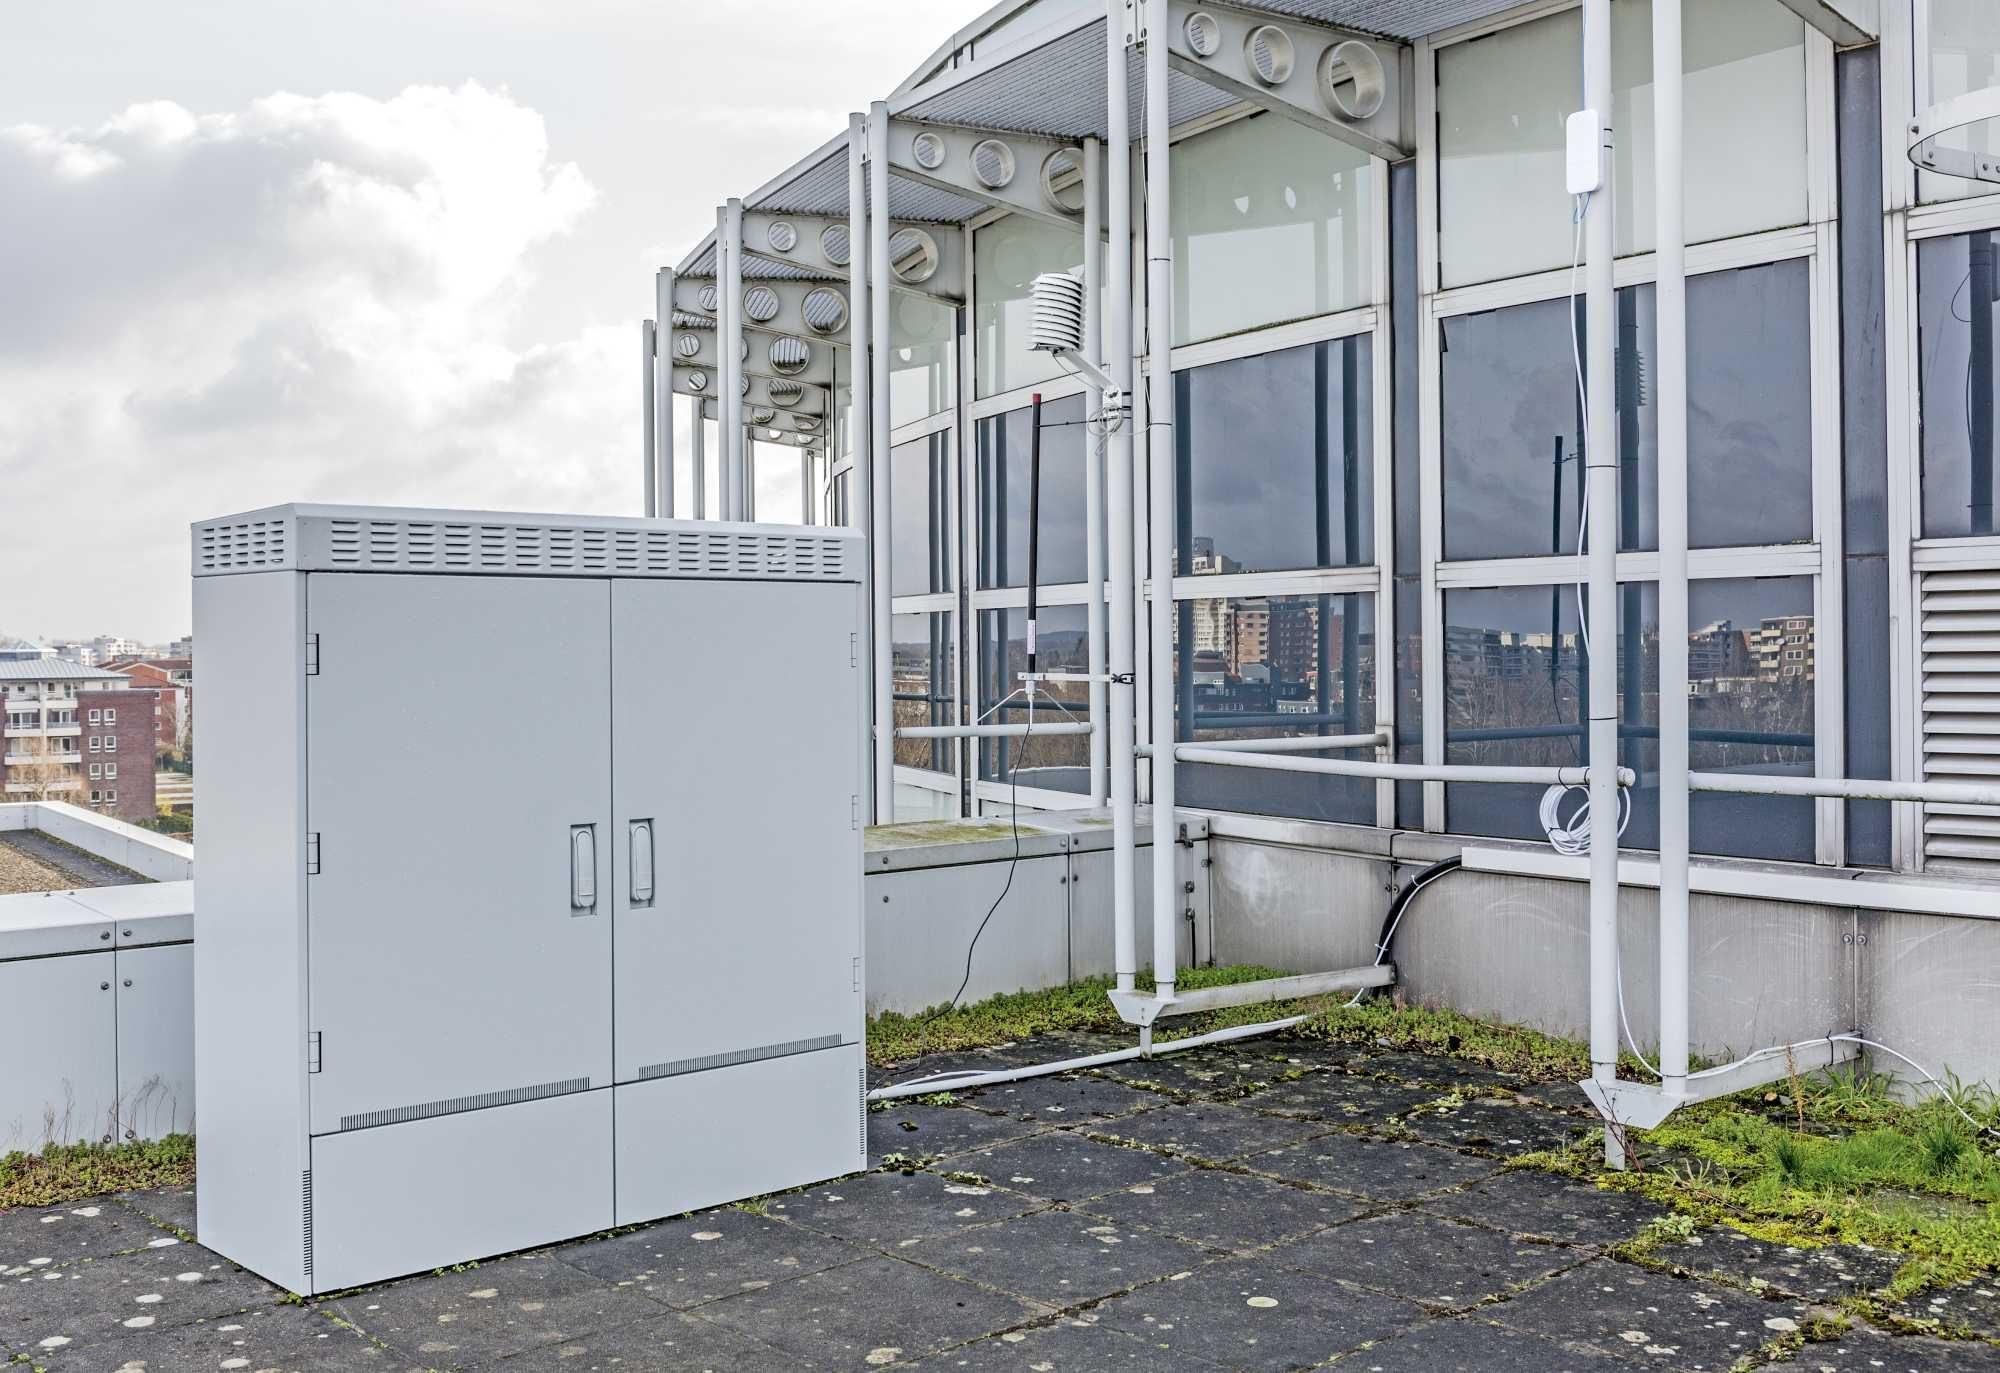 Ob Wetterbeobachtung, IP-Kamera-Test oder Raspi-Bastelei: Das Multifunktionsgehäuse 12 auf dem Heise-Dach bietet genug Platz für Tests und Praxisprojekte aus der ganzen Redaktion.